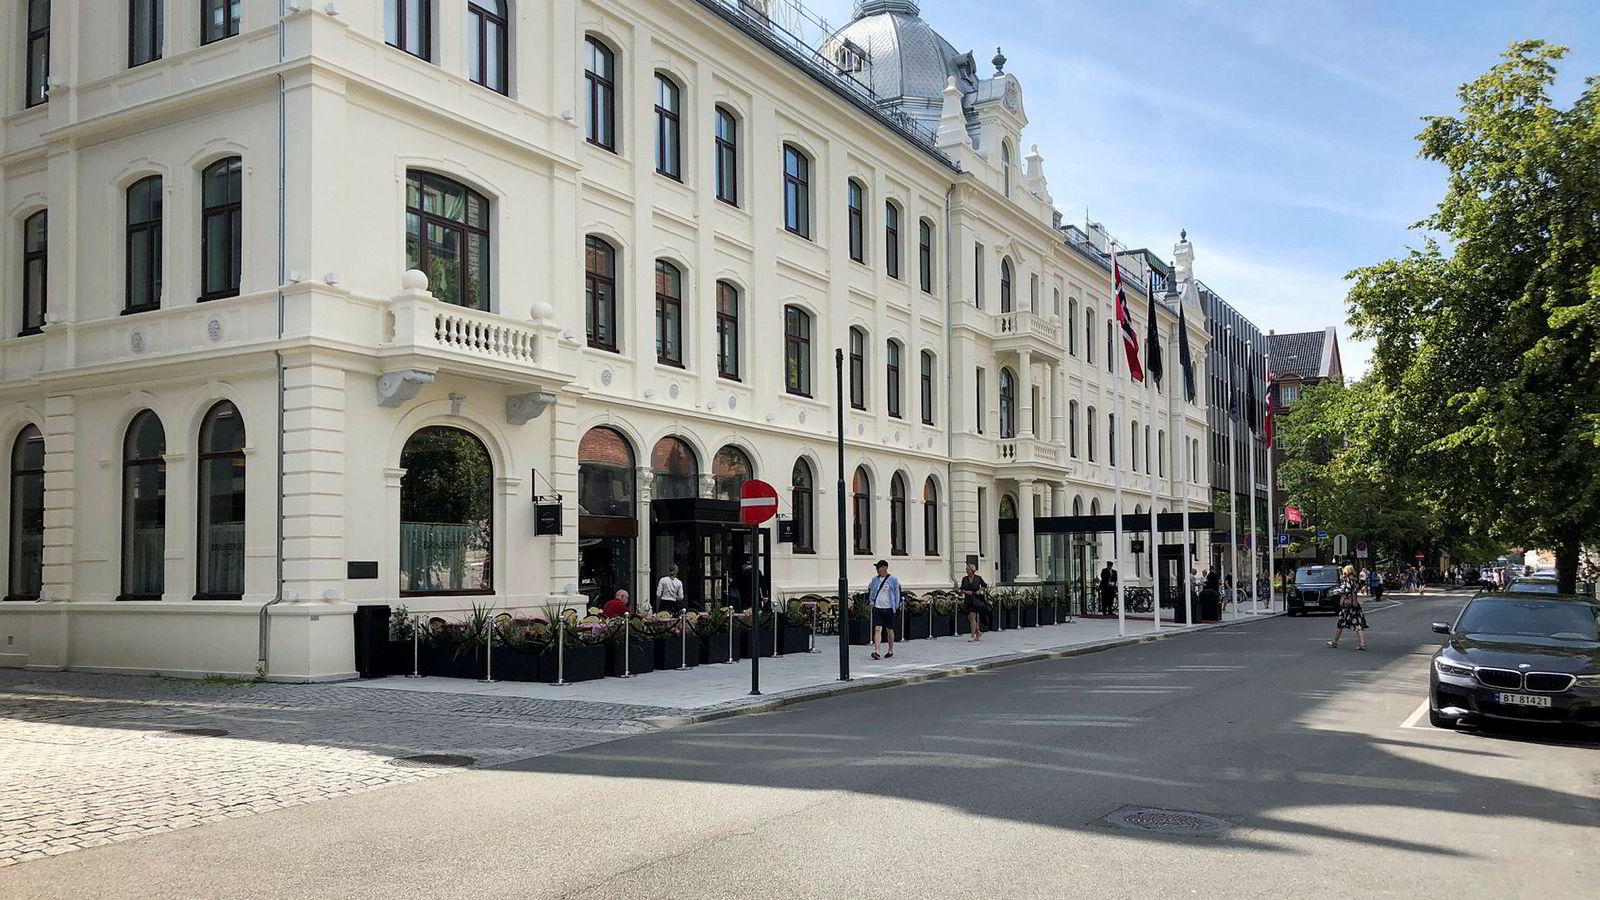 Etter oppussing for rundt 1,2 milliarder kroner sto Britannia hotell klart for gjestene i vår. Oppholdet innfrir med en meget høy standard, gode serveringssteder og et høyere servicenivå. På spa var det imidlertid noen små problemer.